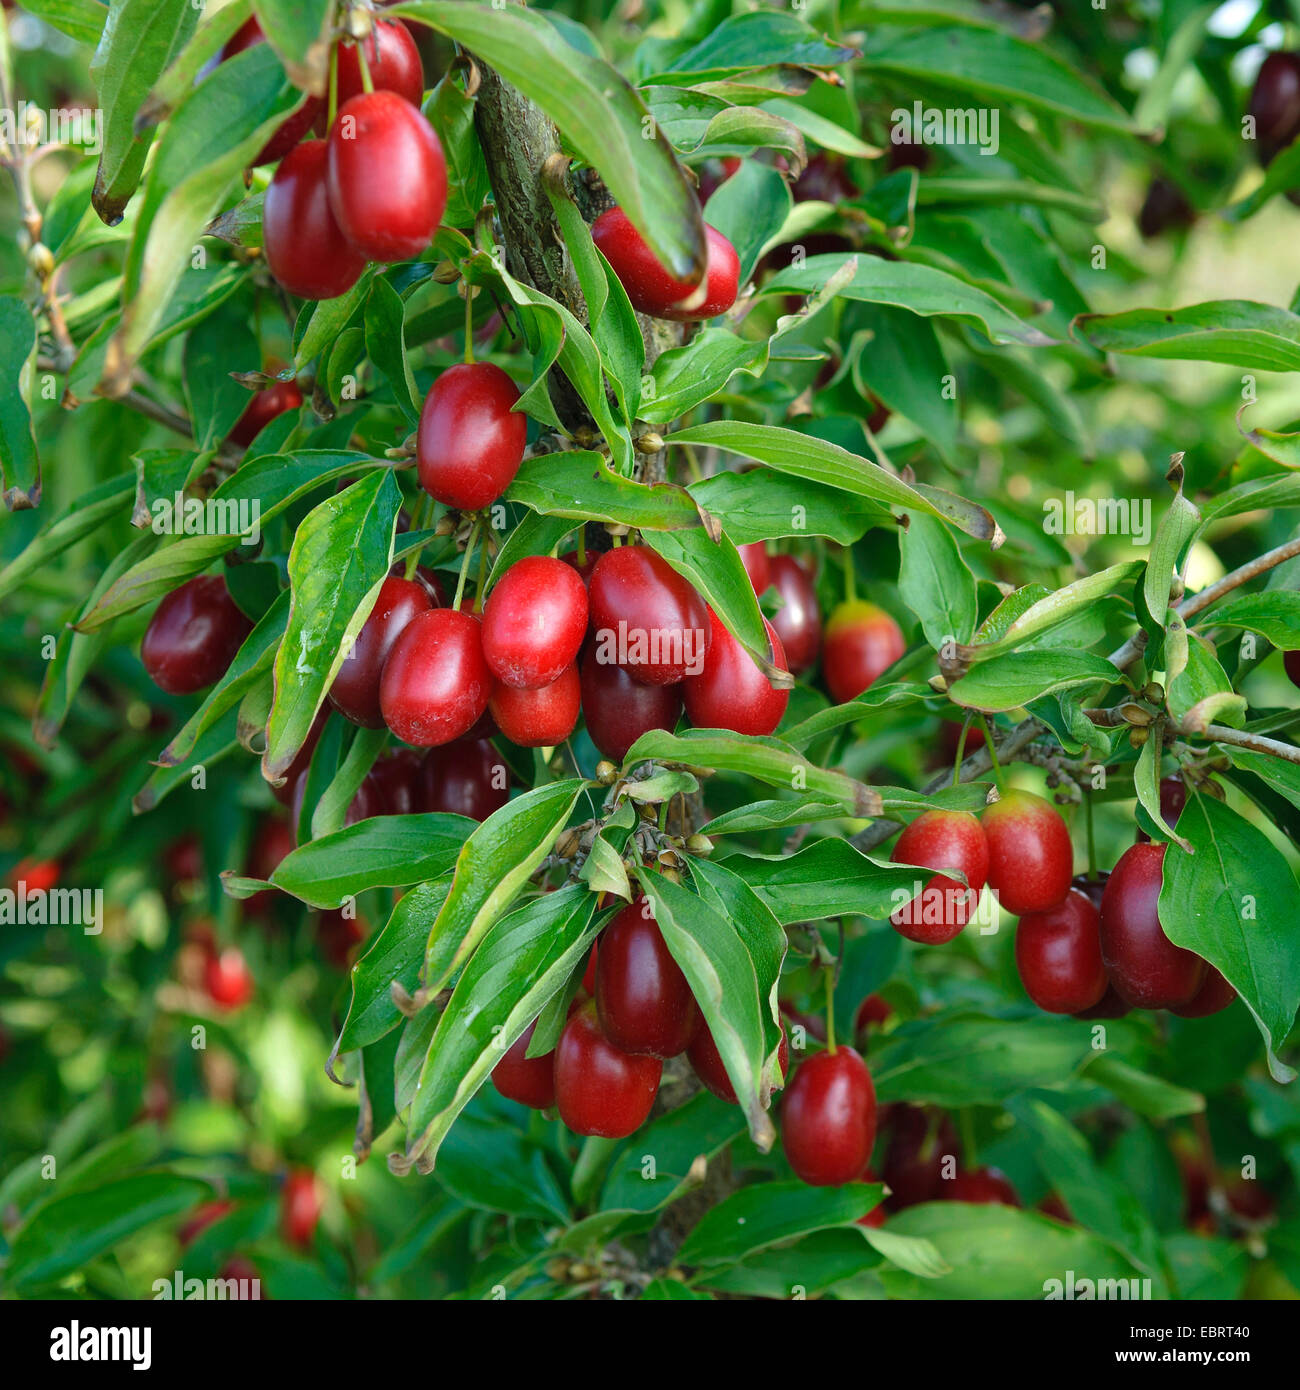 Bois de cerisier en cornaline (Cornus mas 'Jolico Jolico', Cornus mas), le cultivar Jolico Photo Stock